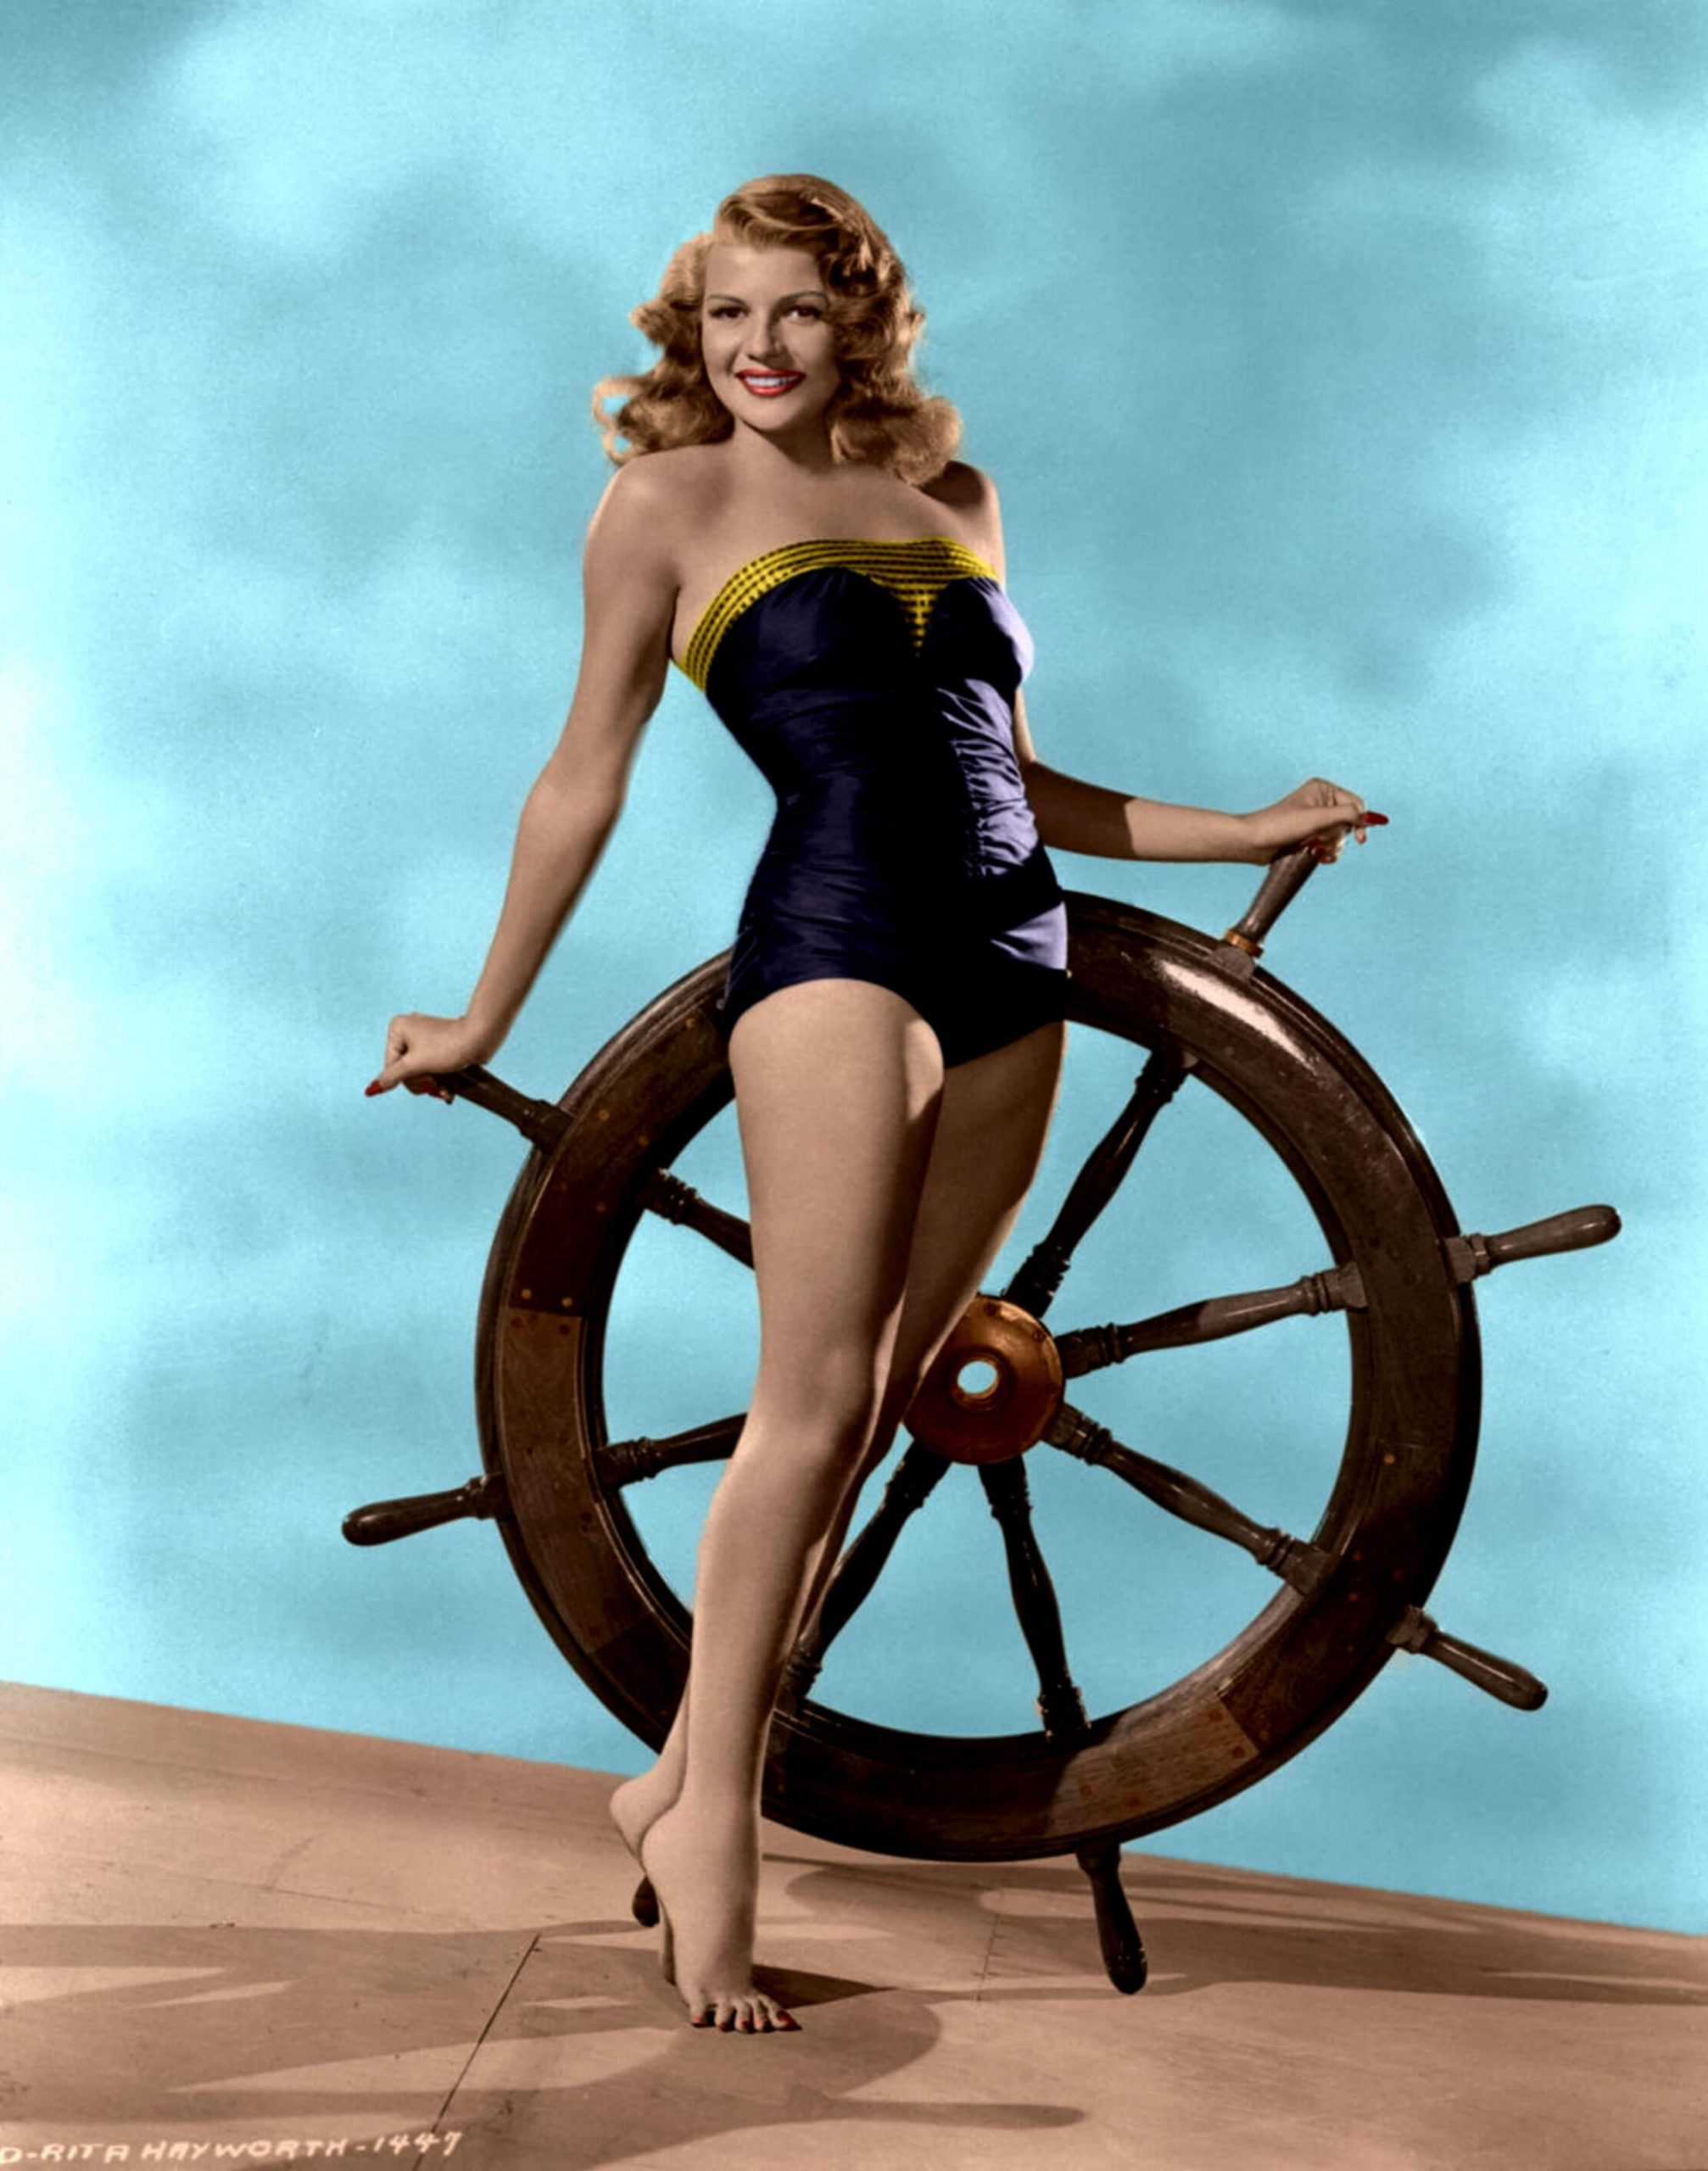 Rita Hayworth lingerie pics